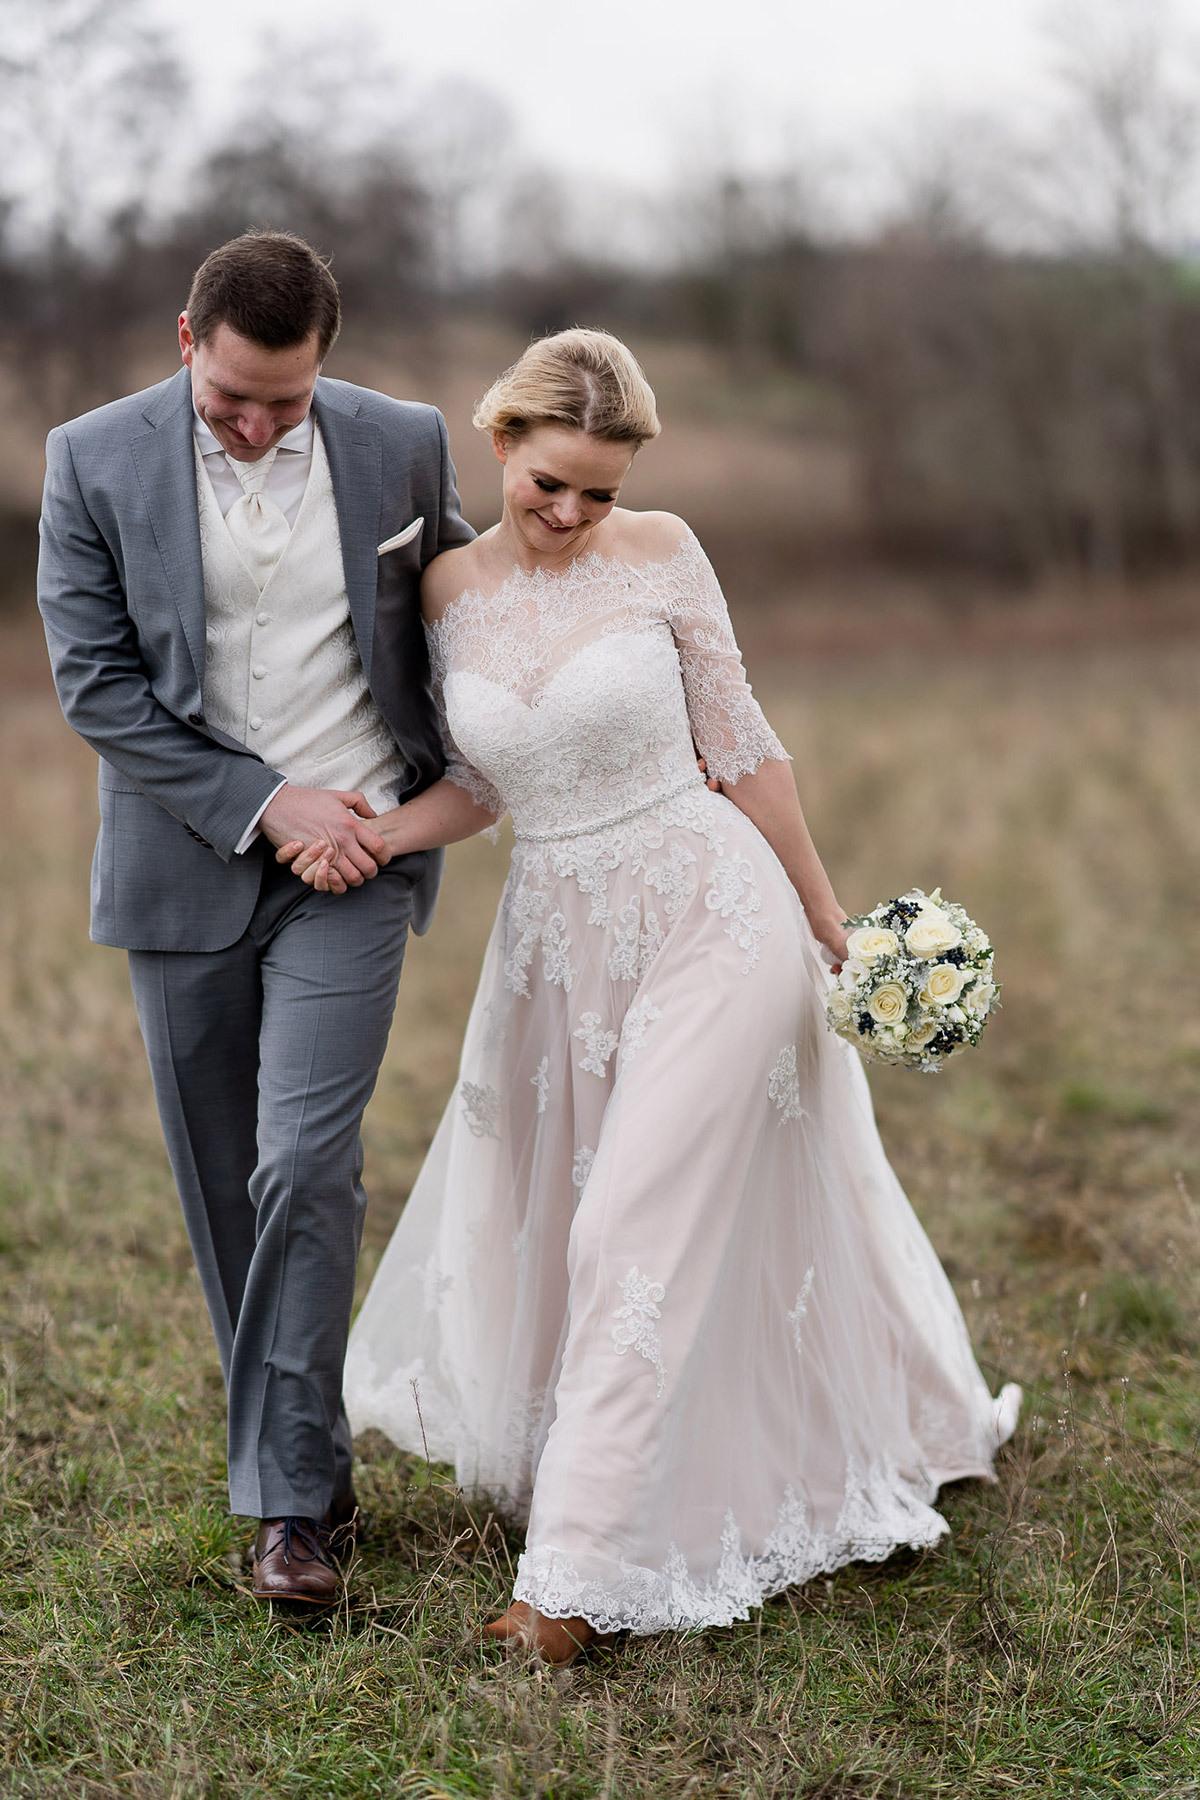 Hochzeit Winter Kleidung - Winterhochzeit Hochzeitsfotograf